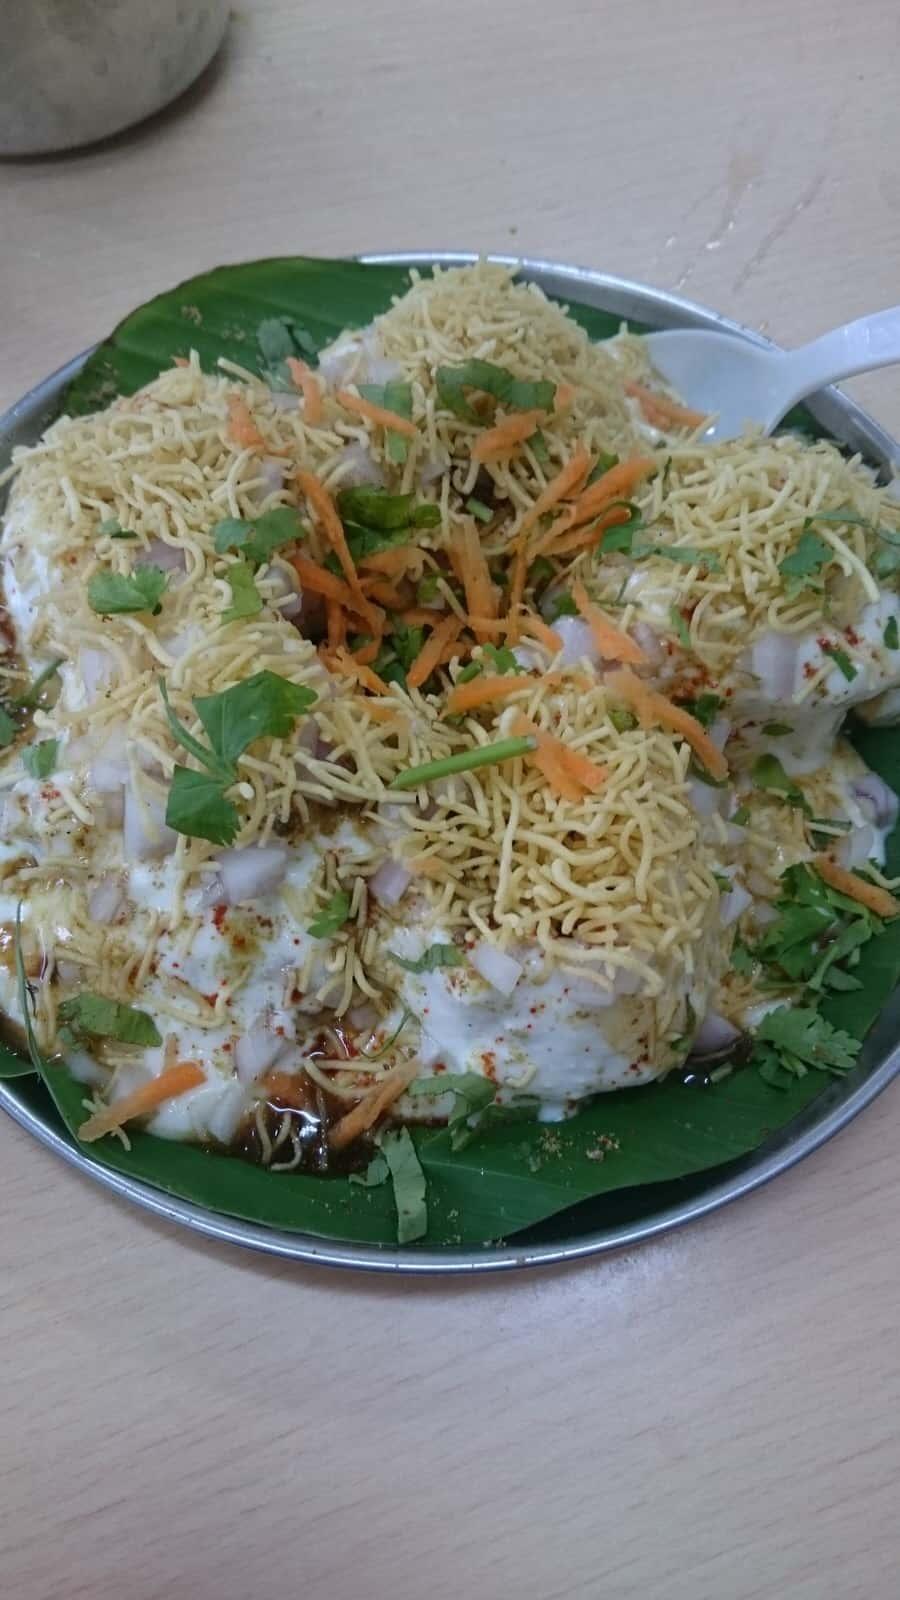 來顆乒乓球吧(誤)多變的印度炸脆餅 Puri